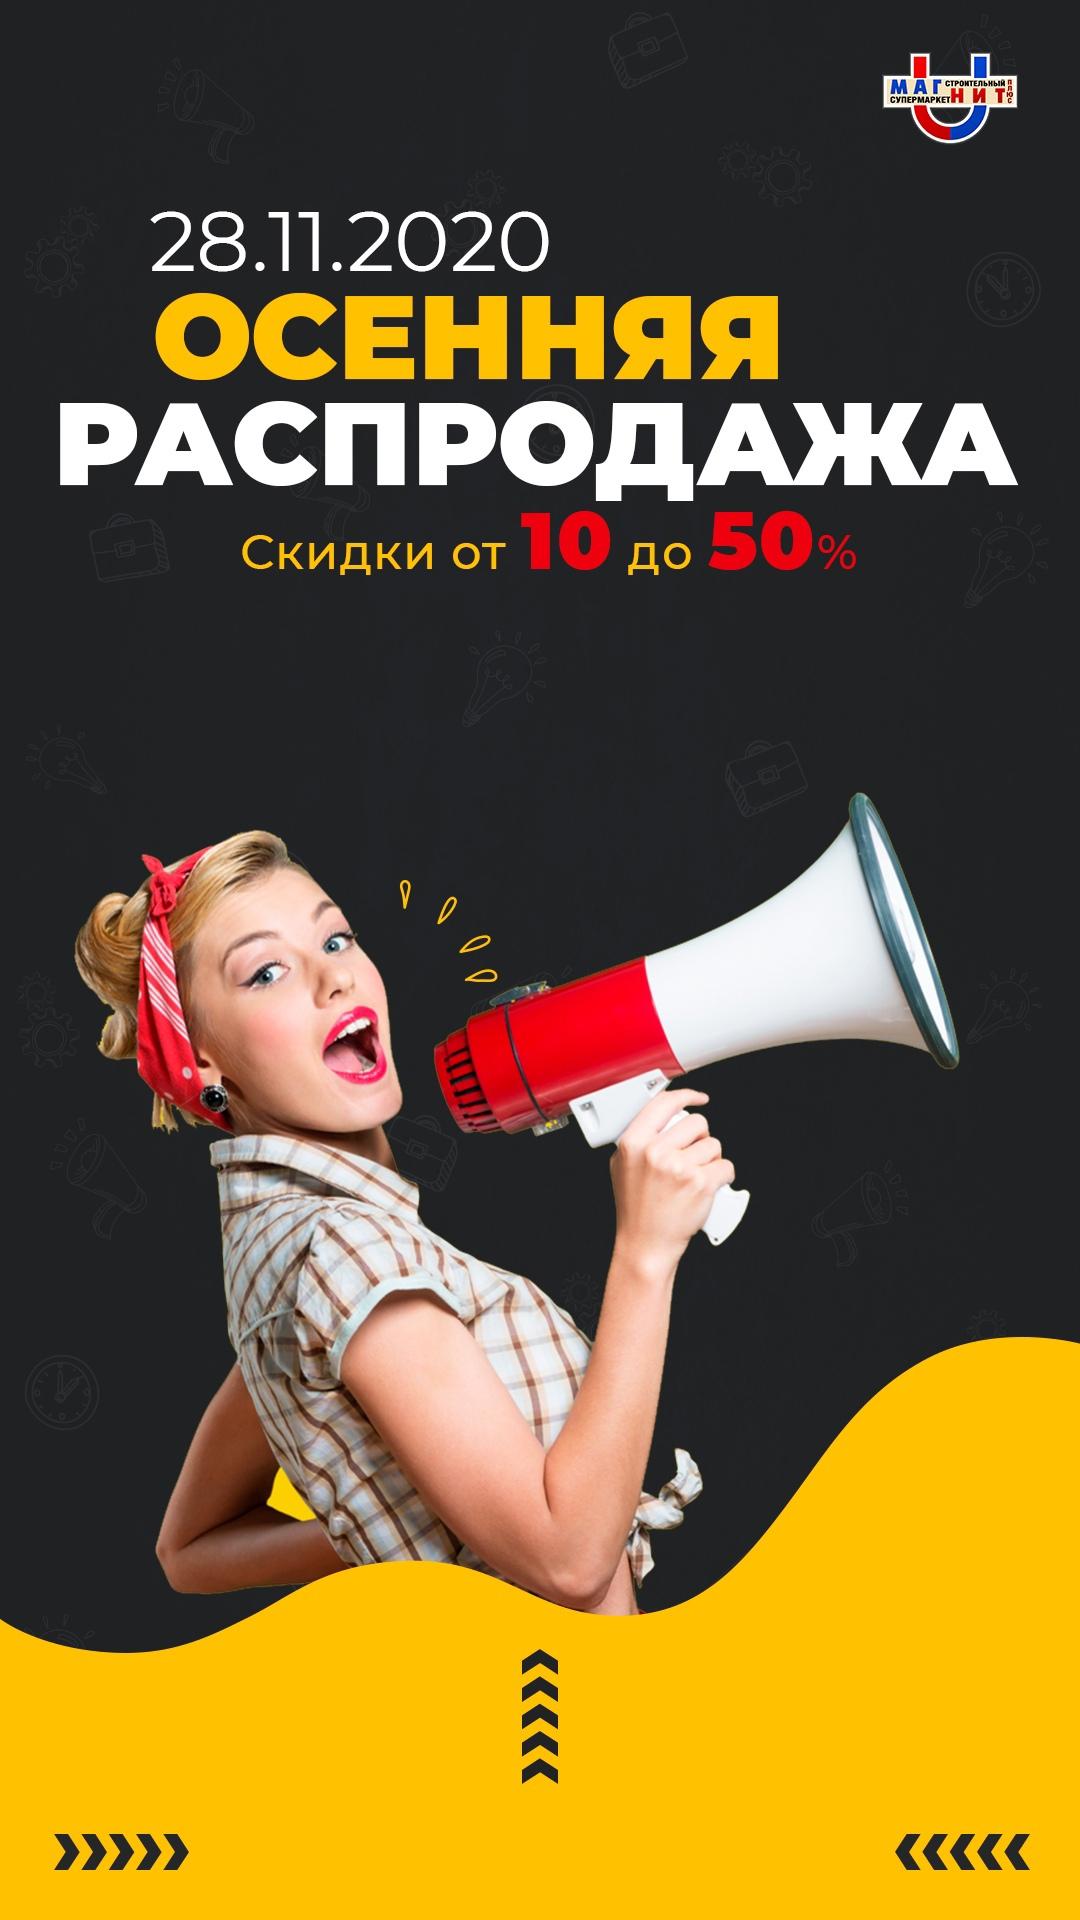 Продвигаем строительный магазин Вконтакте с нуля., изображение №6